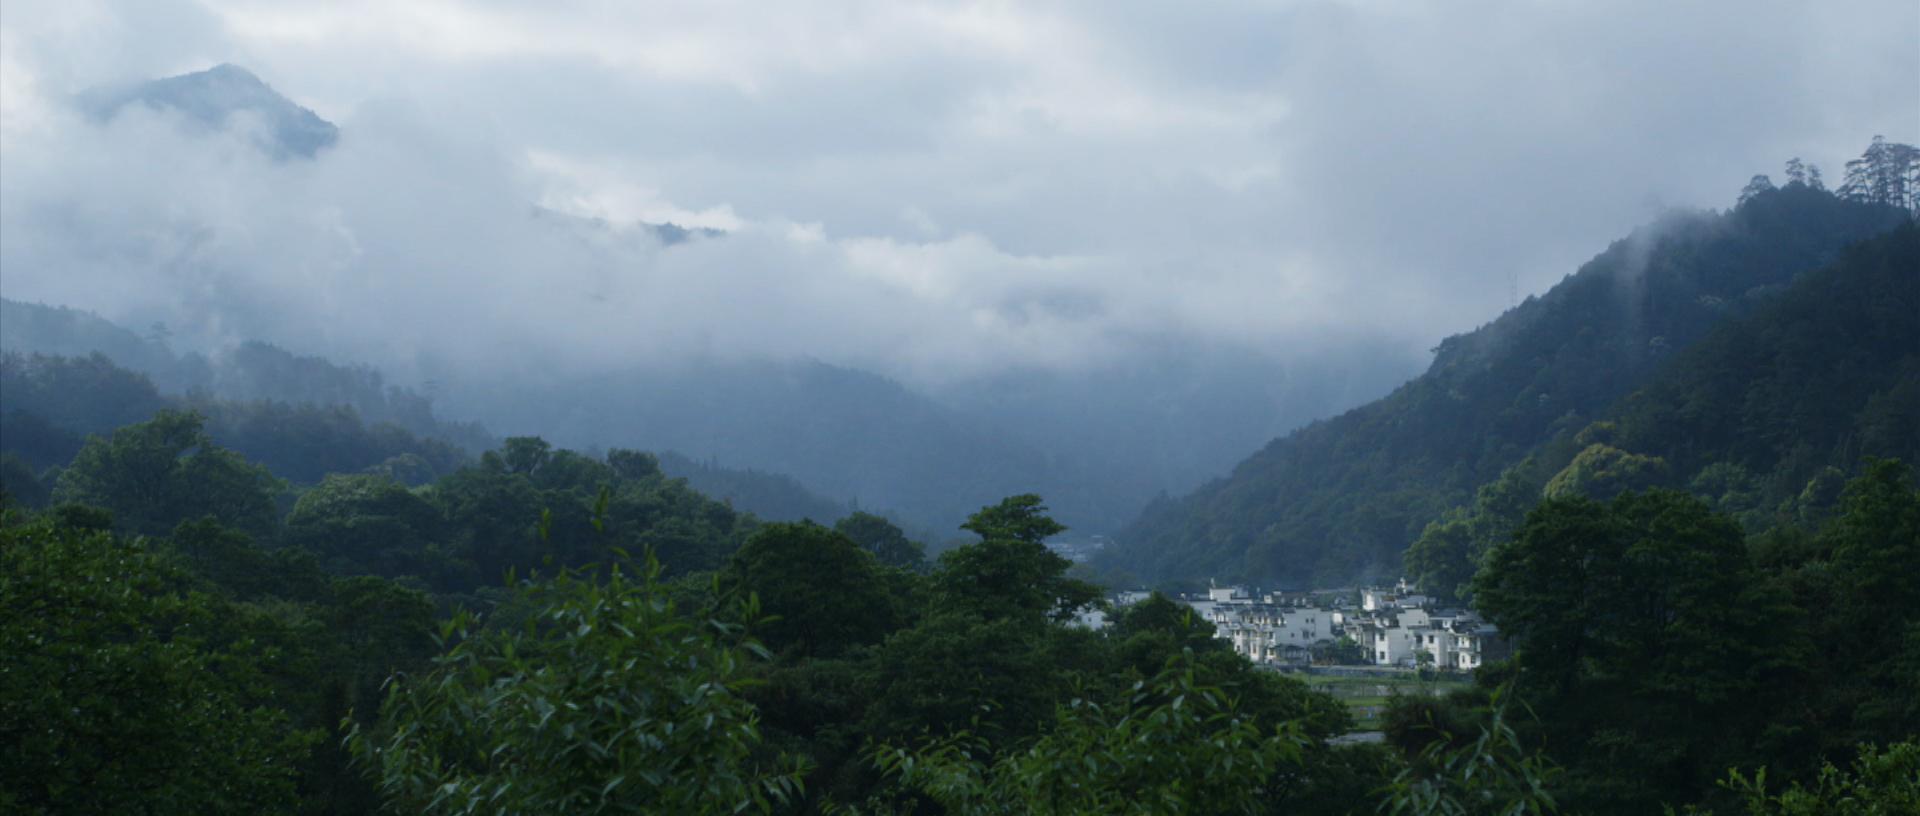 The village Shang Xiao Qi.